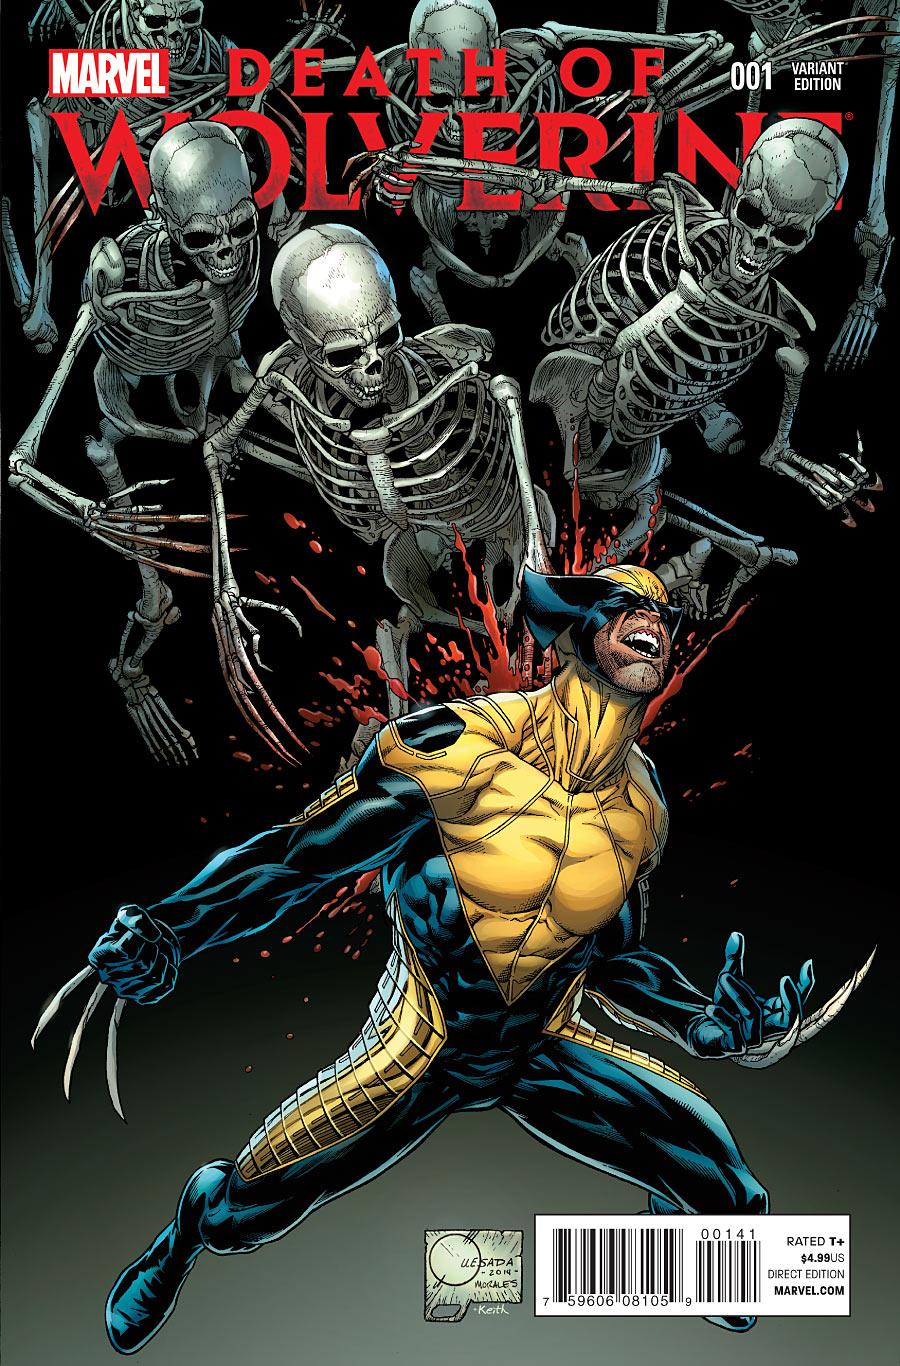 La Mort de Wolverine 1 - Death of Wolverine Part One (Joe Quesada Variant Cover)